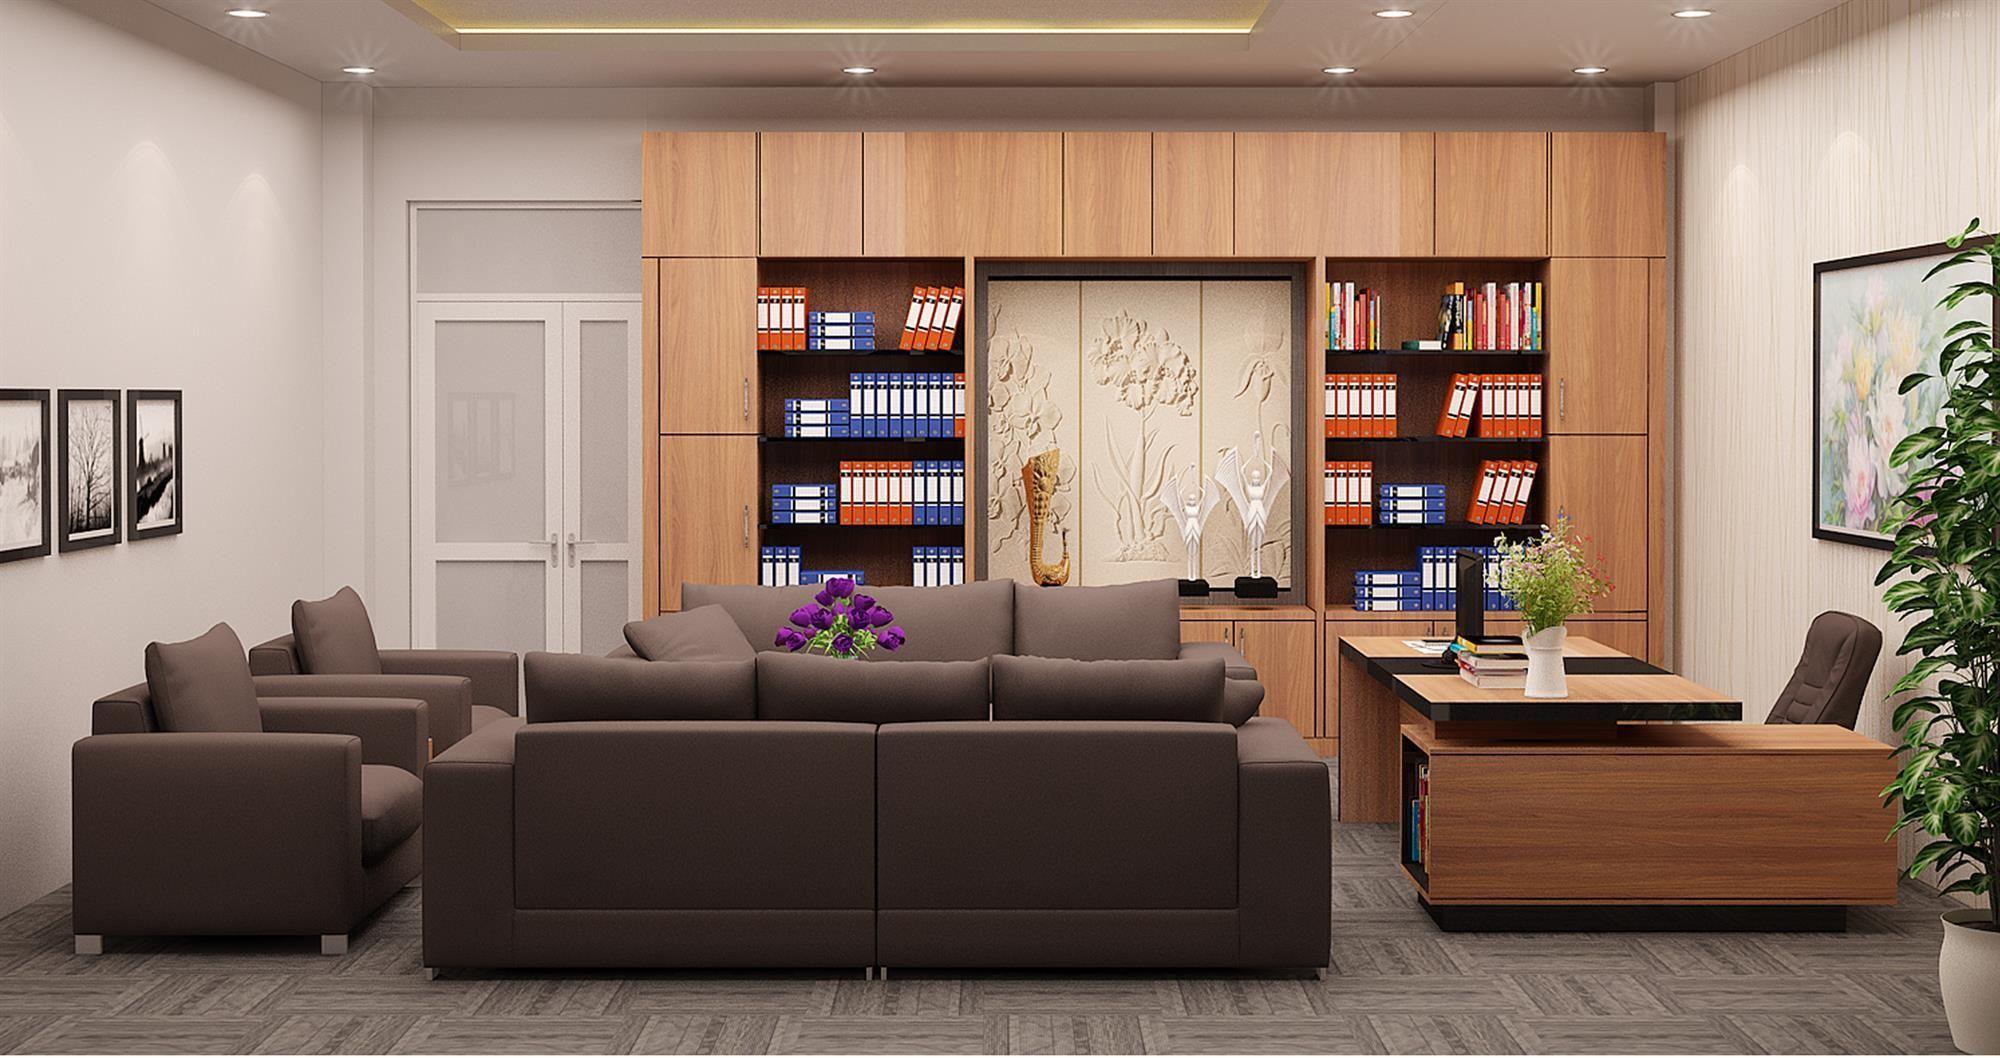 Thiết kế nội thất phòng giám đốc hợp lý